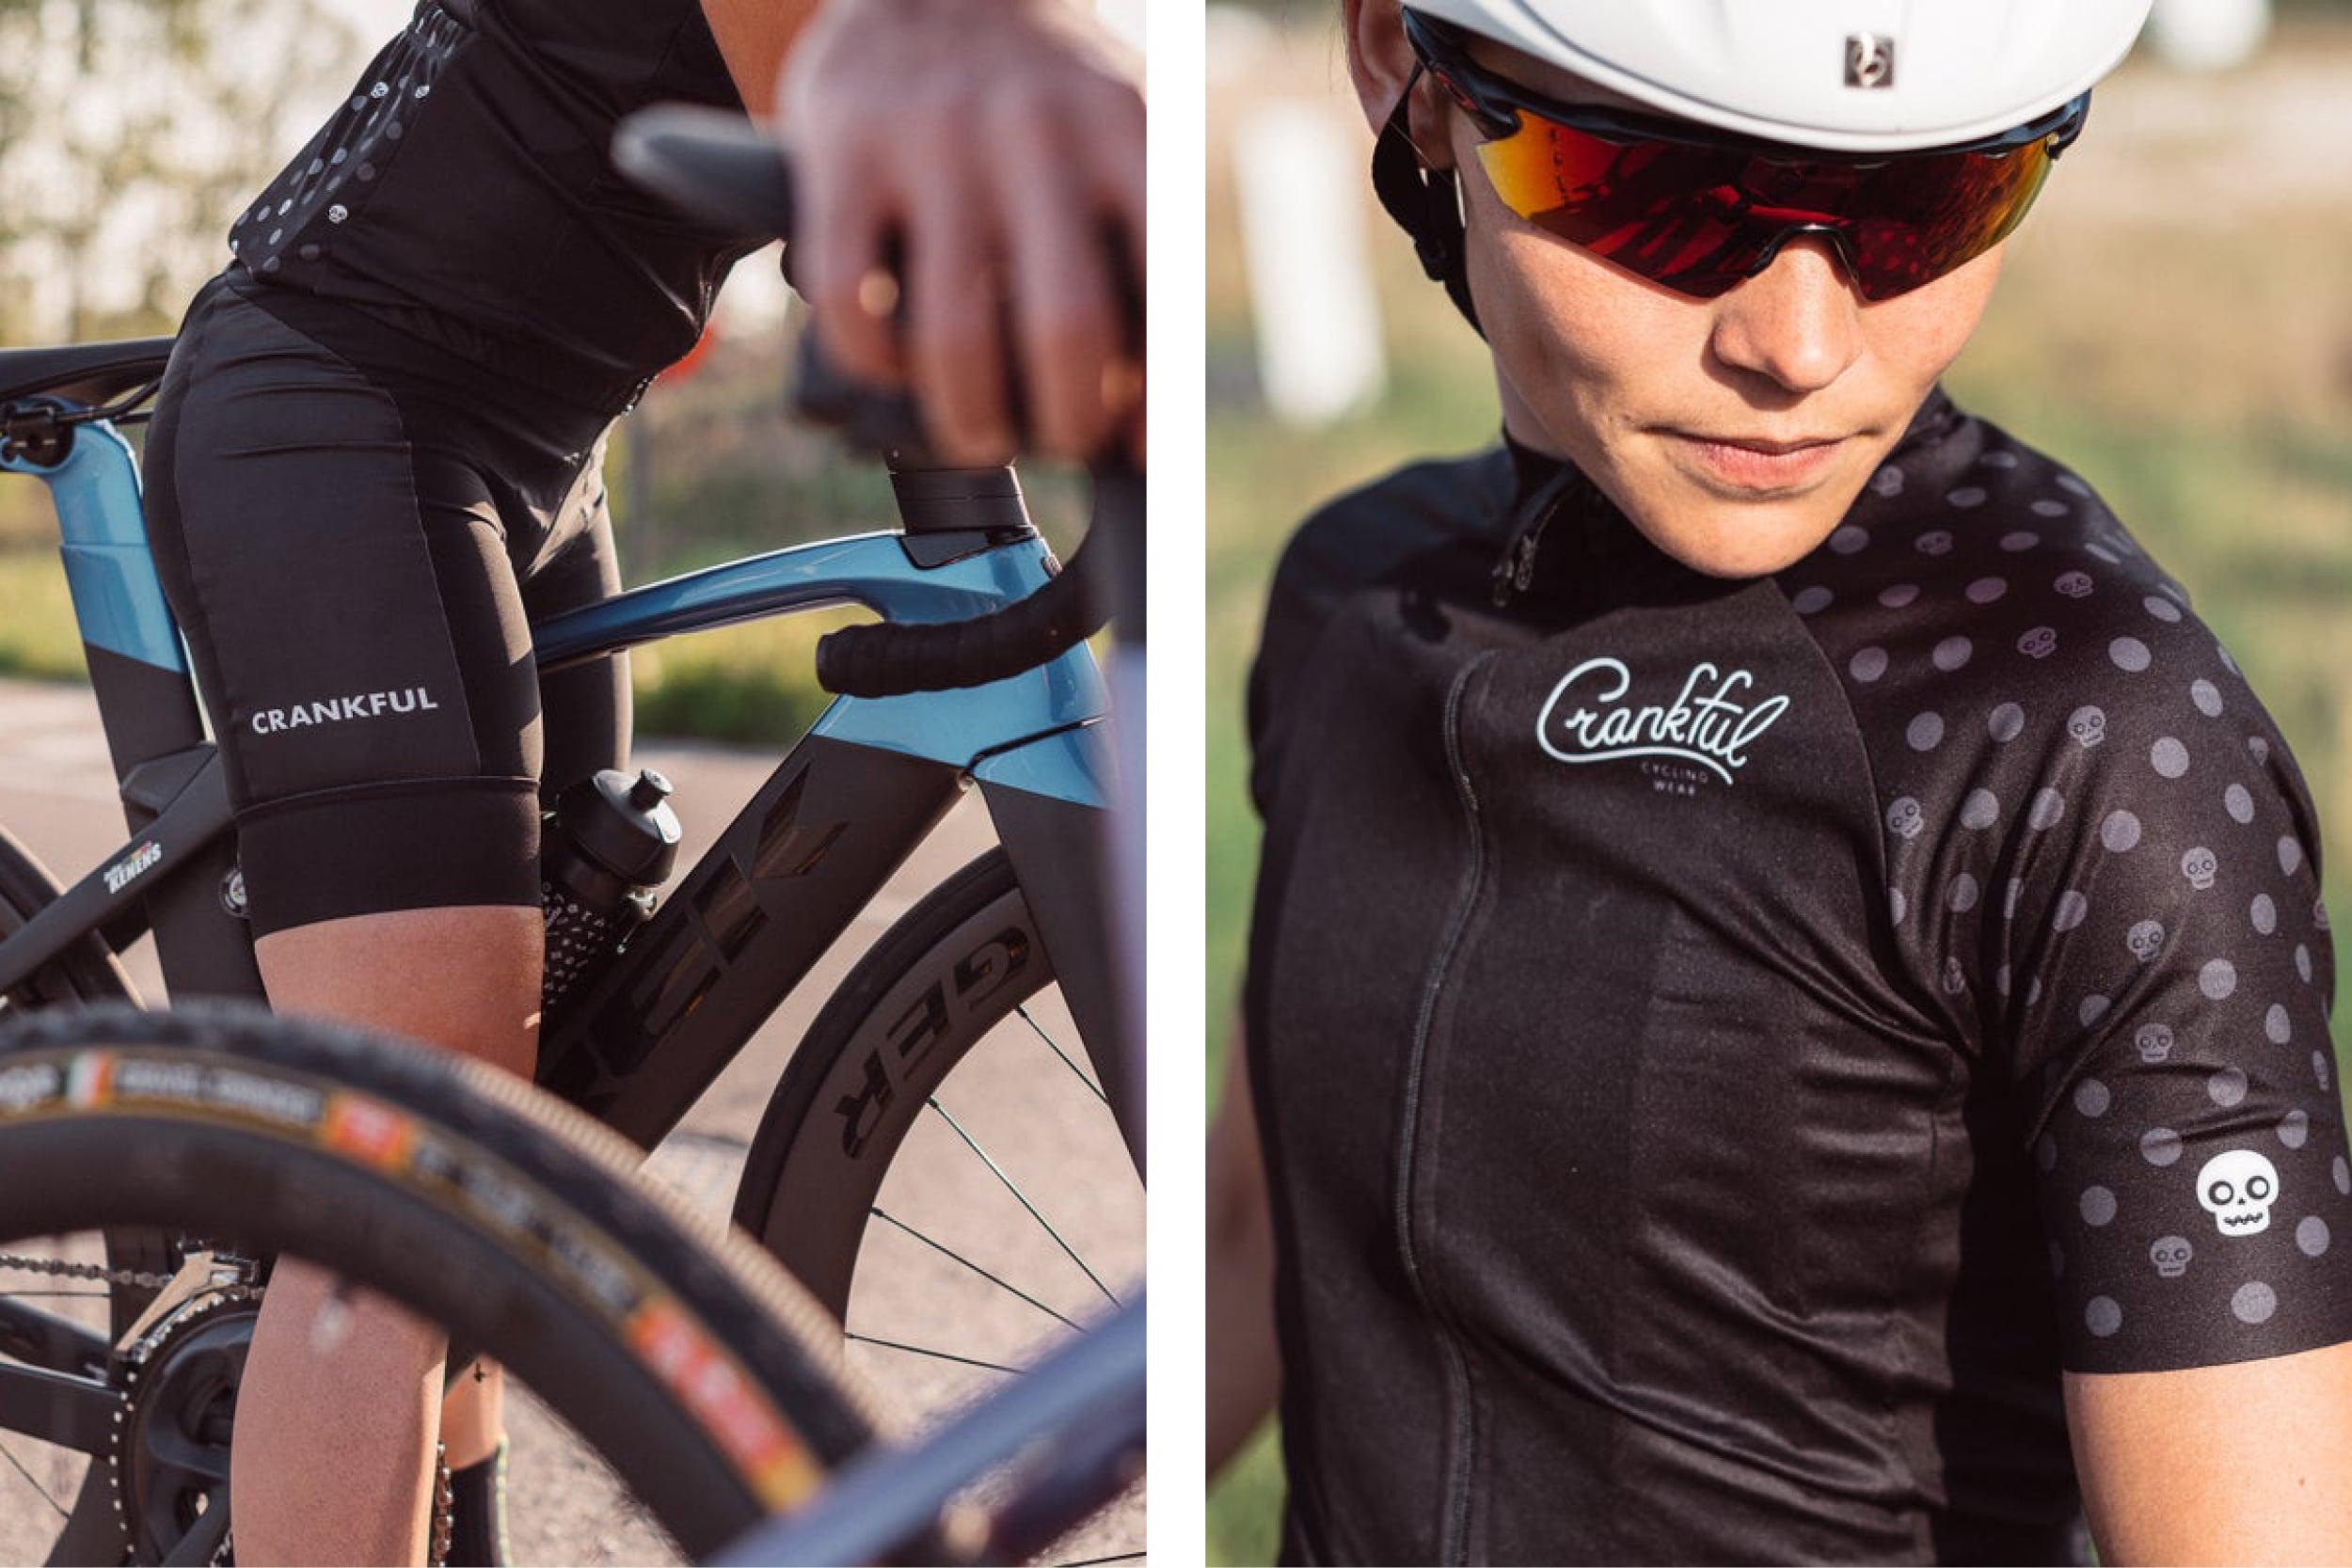 femke_nouters_cylcing_wear_custom_design_details